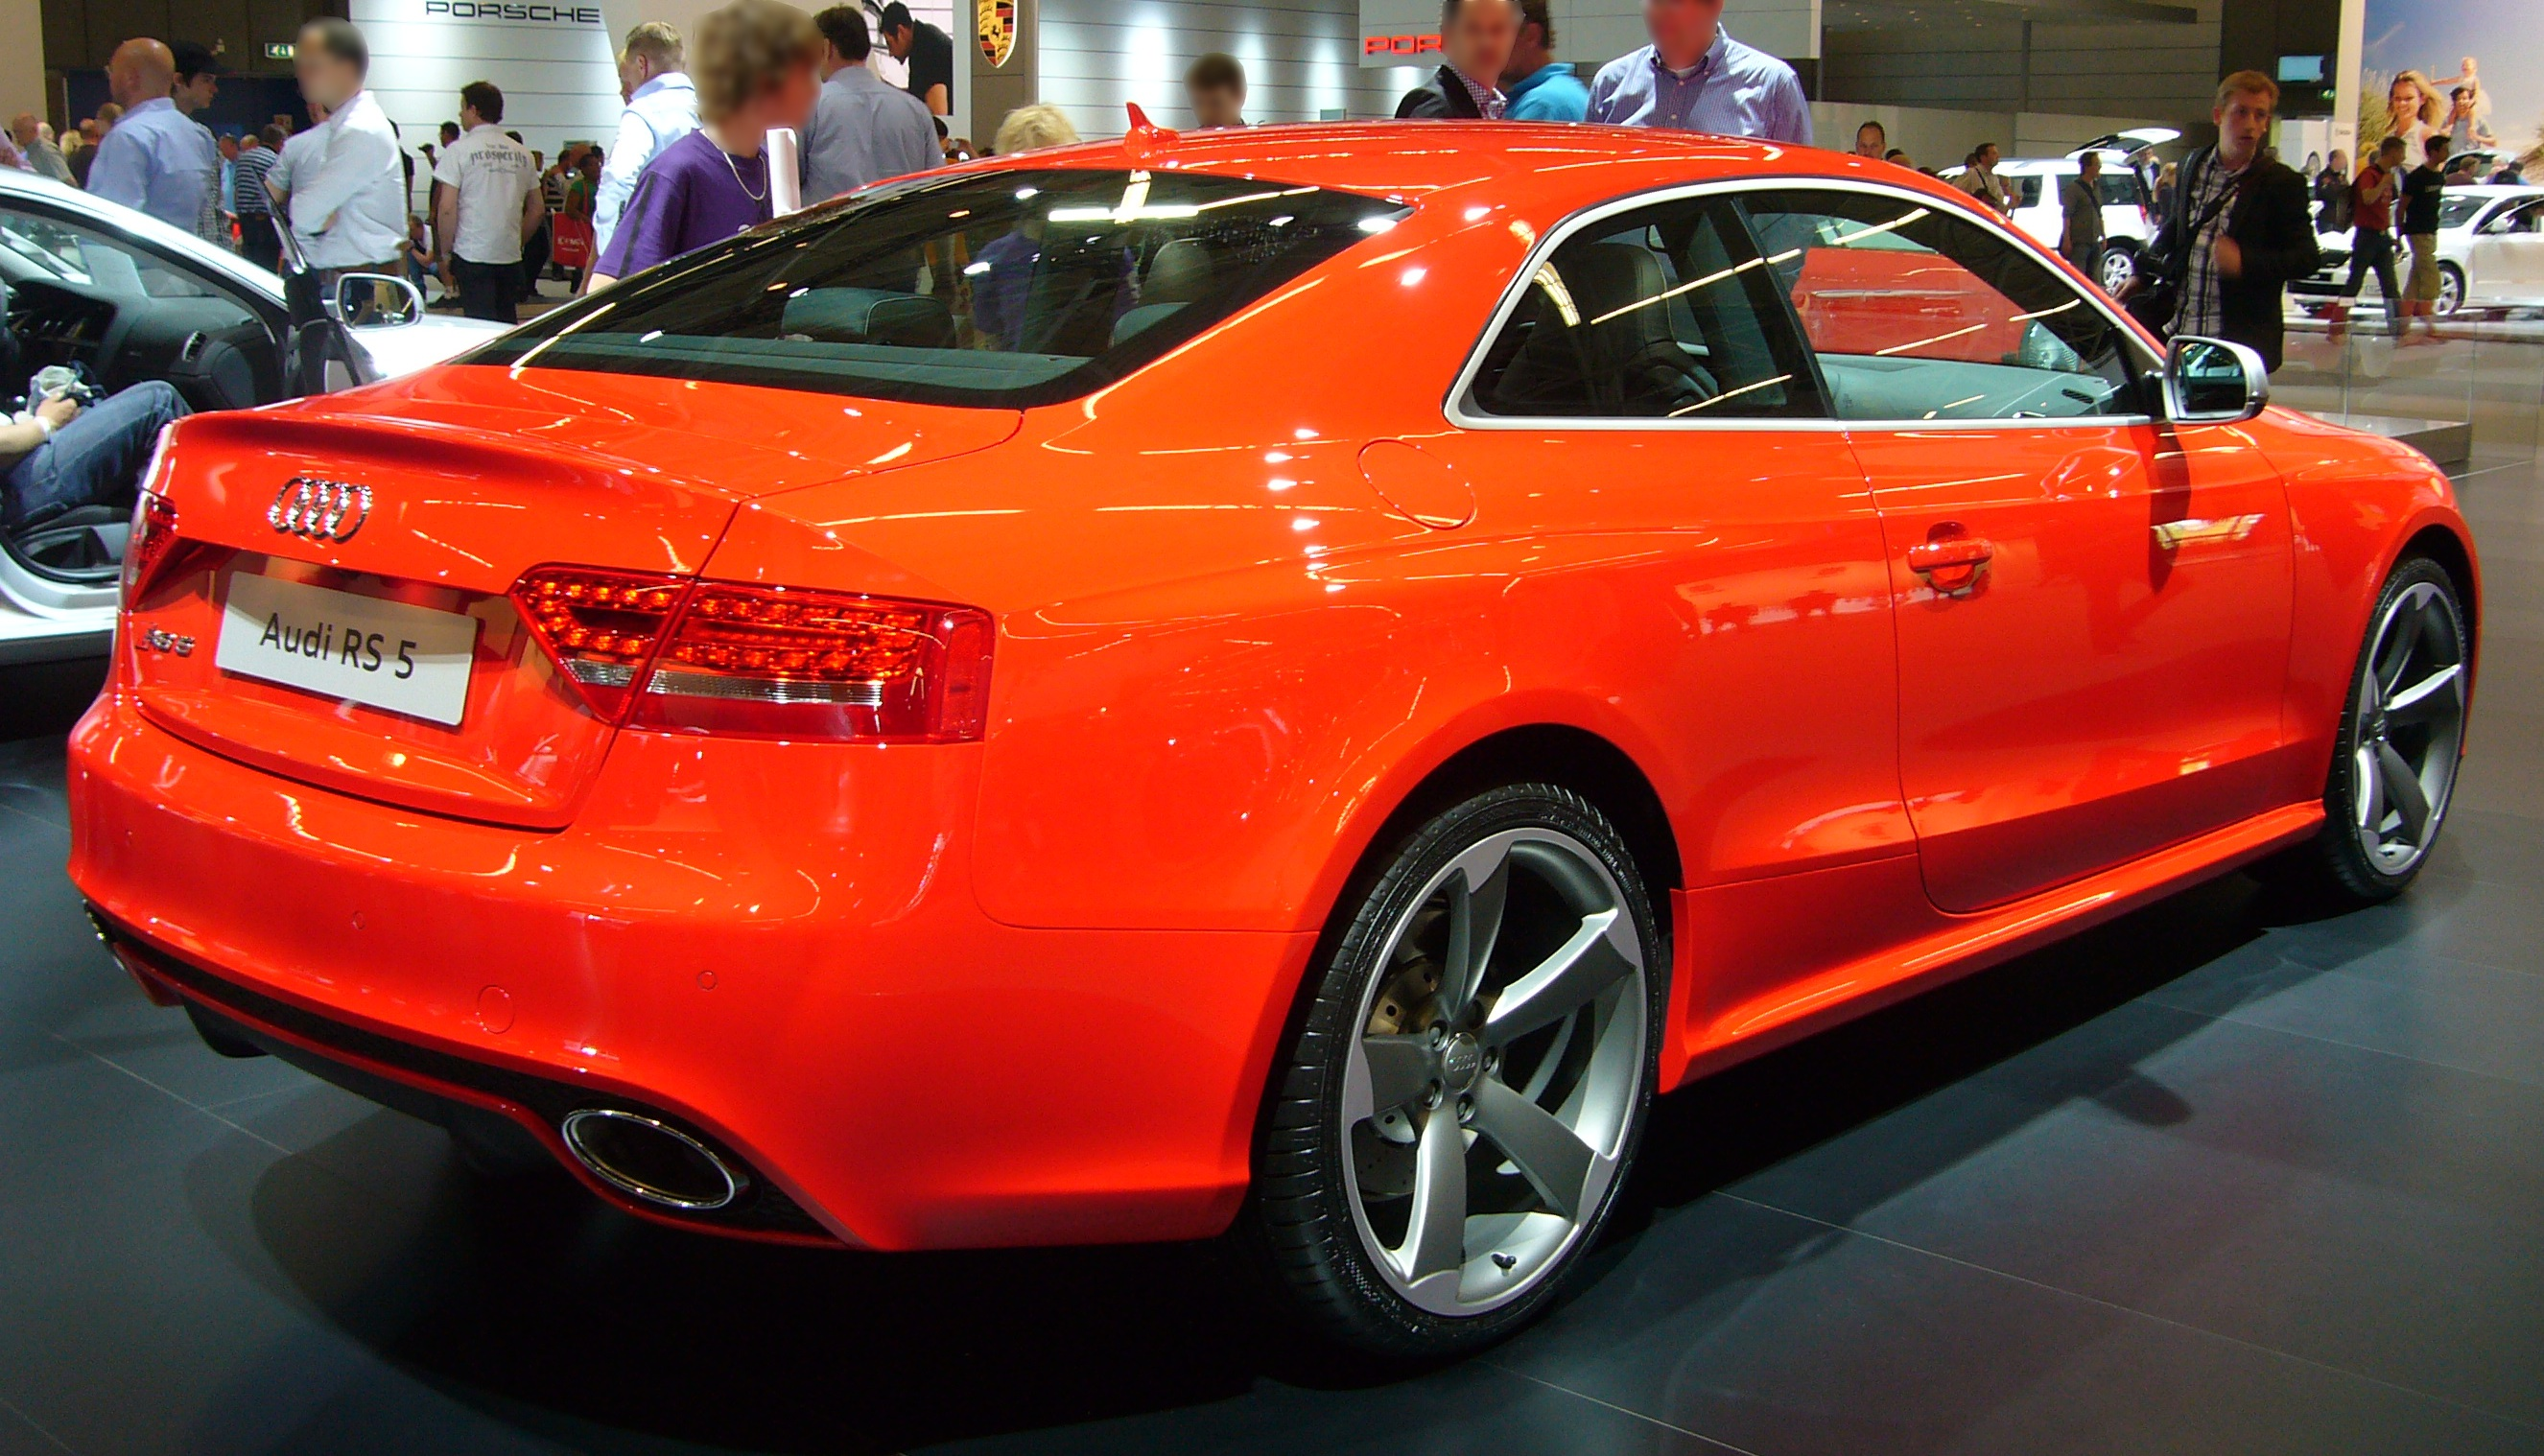 Audi rs5 wikipedia english 4